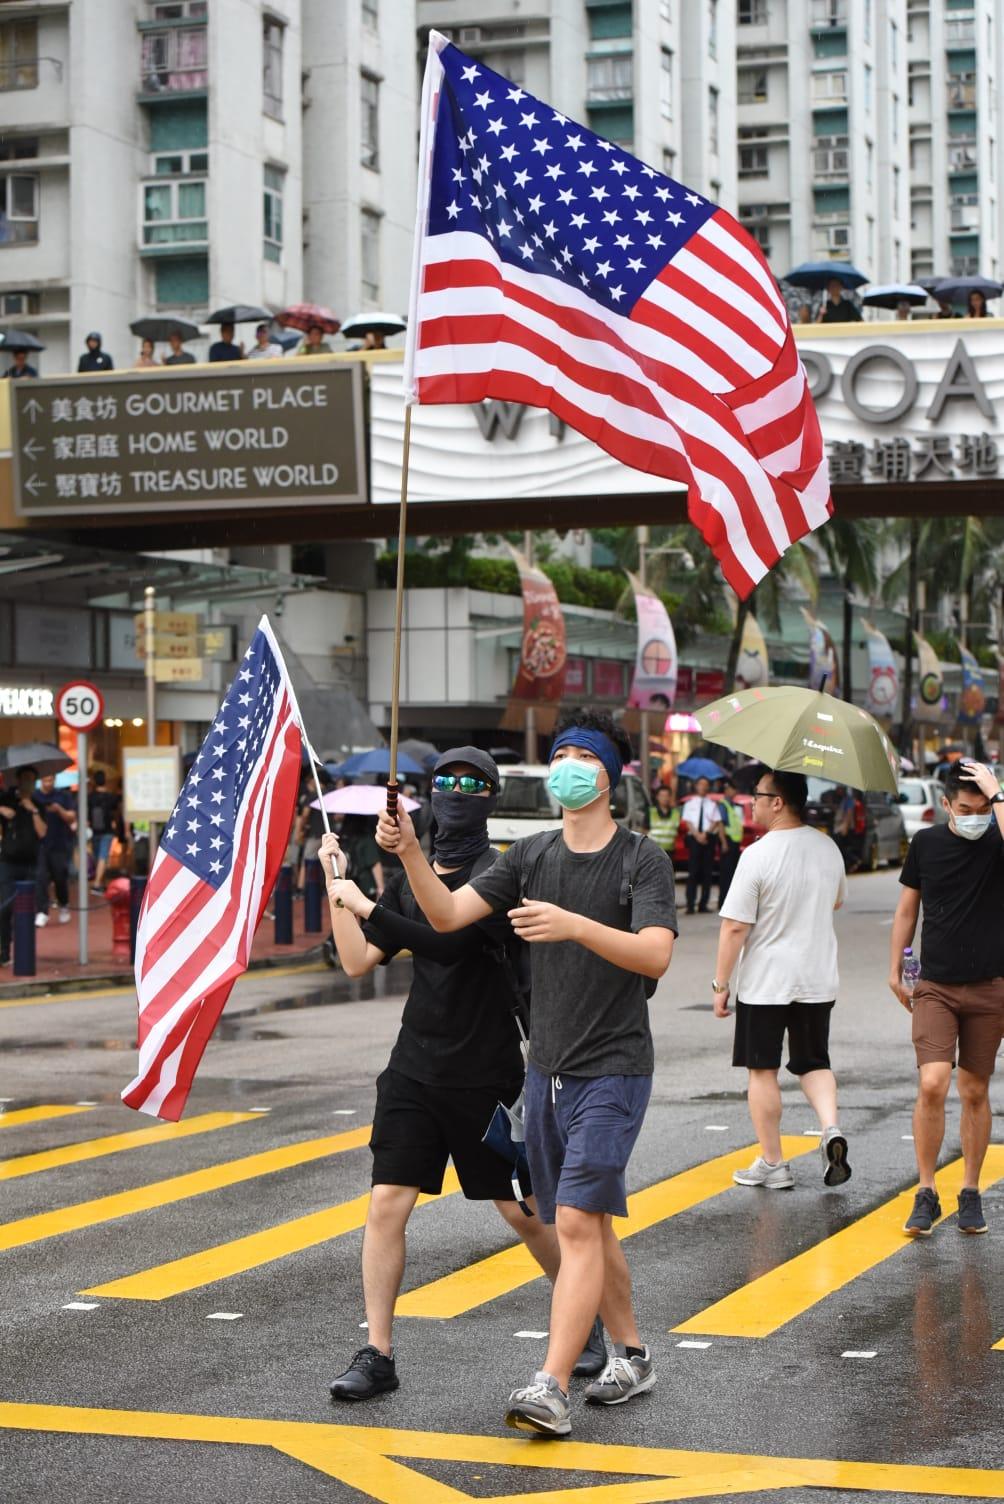 【逃犯條例】「光復紅土」估計2000人沿行人路行 警指3500人海心公園起步